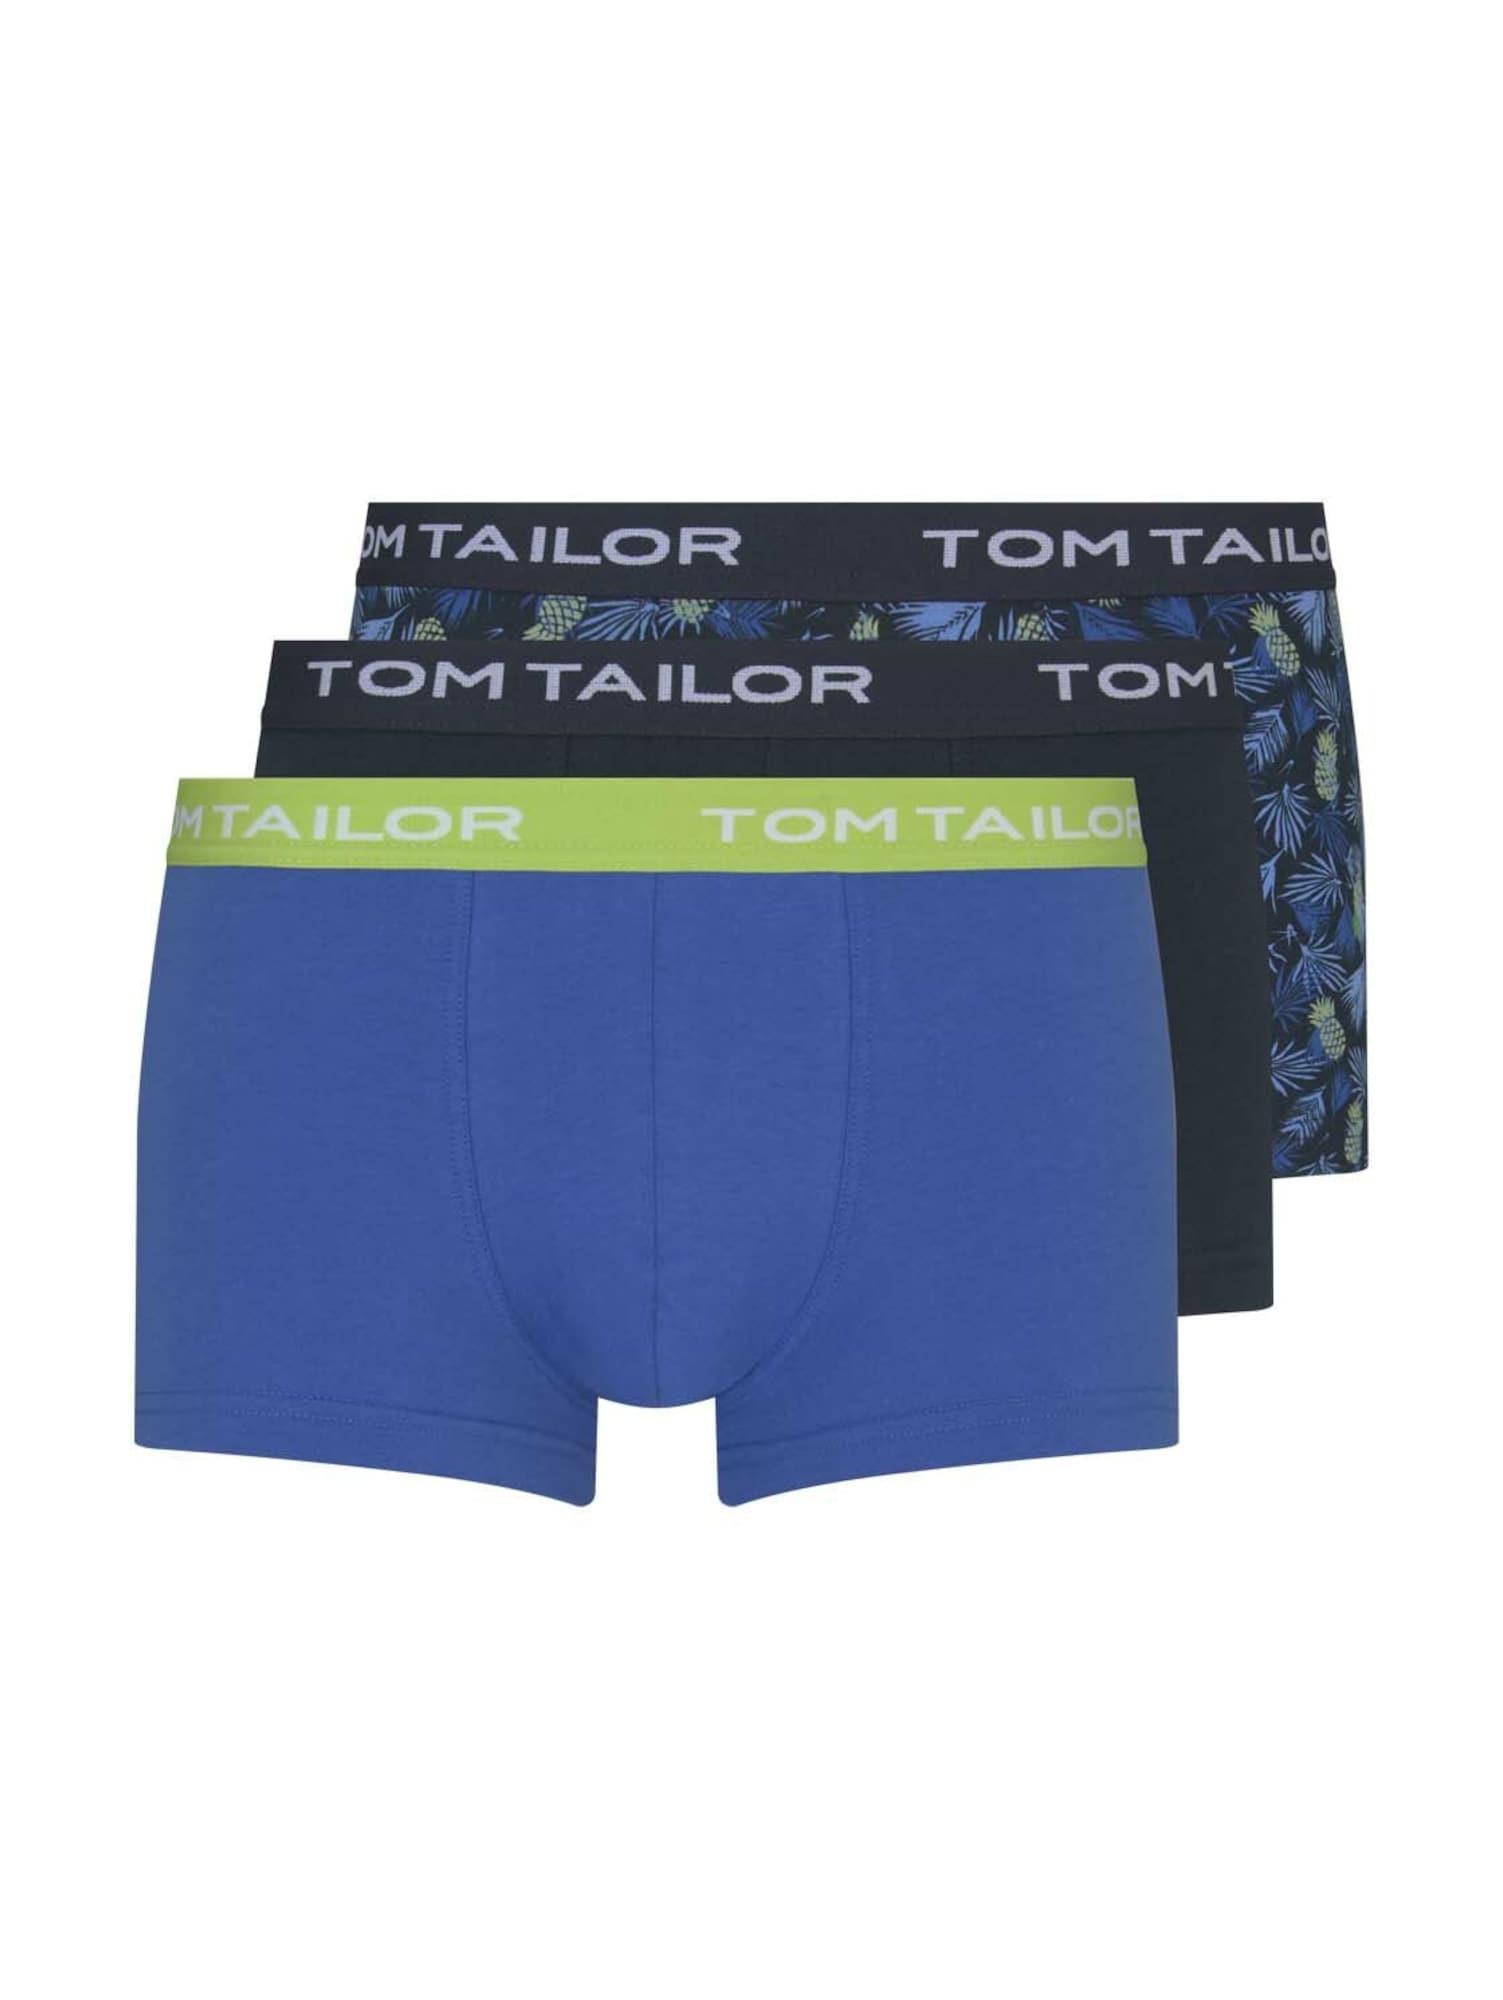 TOM TAILOR Boxer trumpikės mišrios spalvos